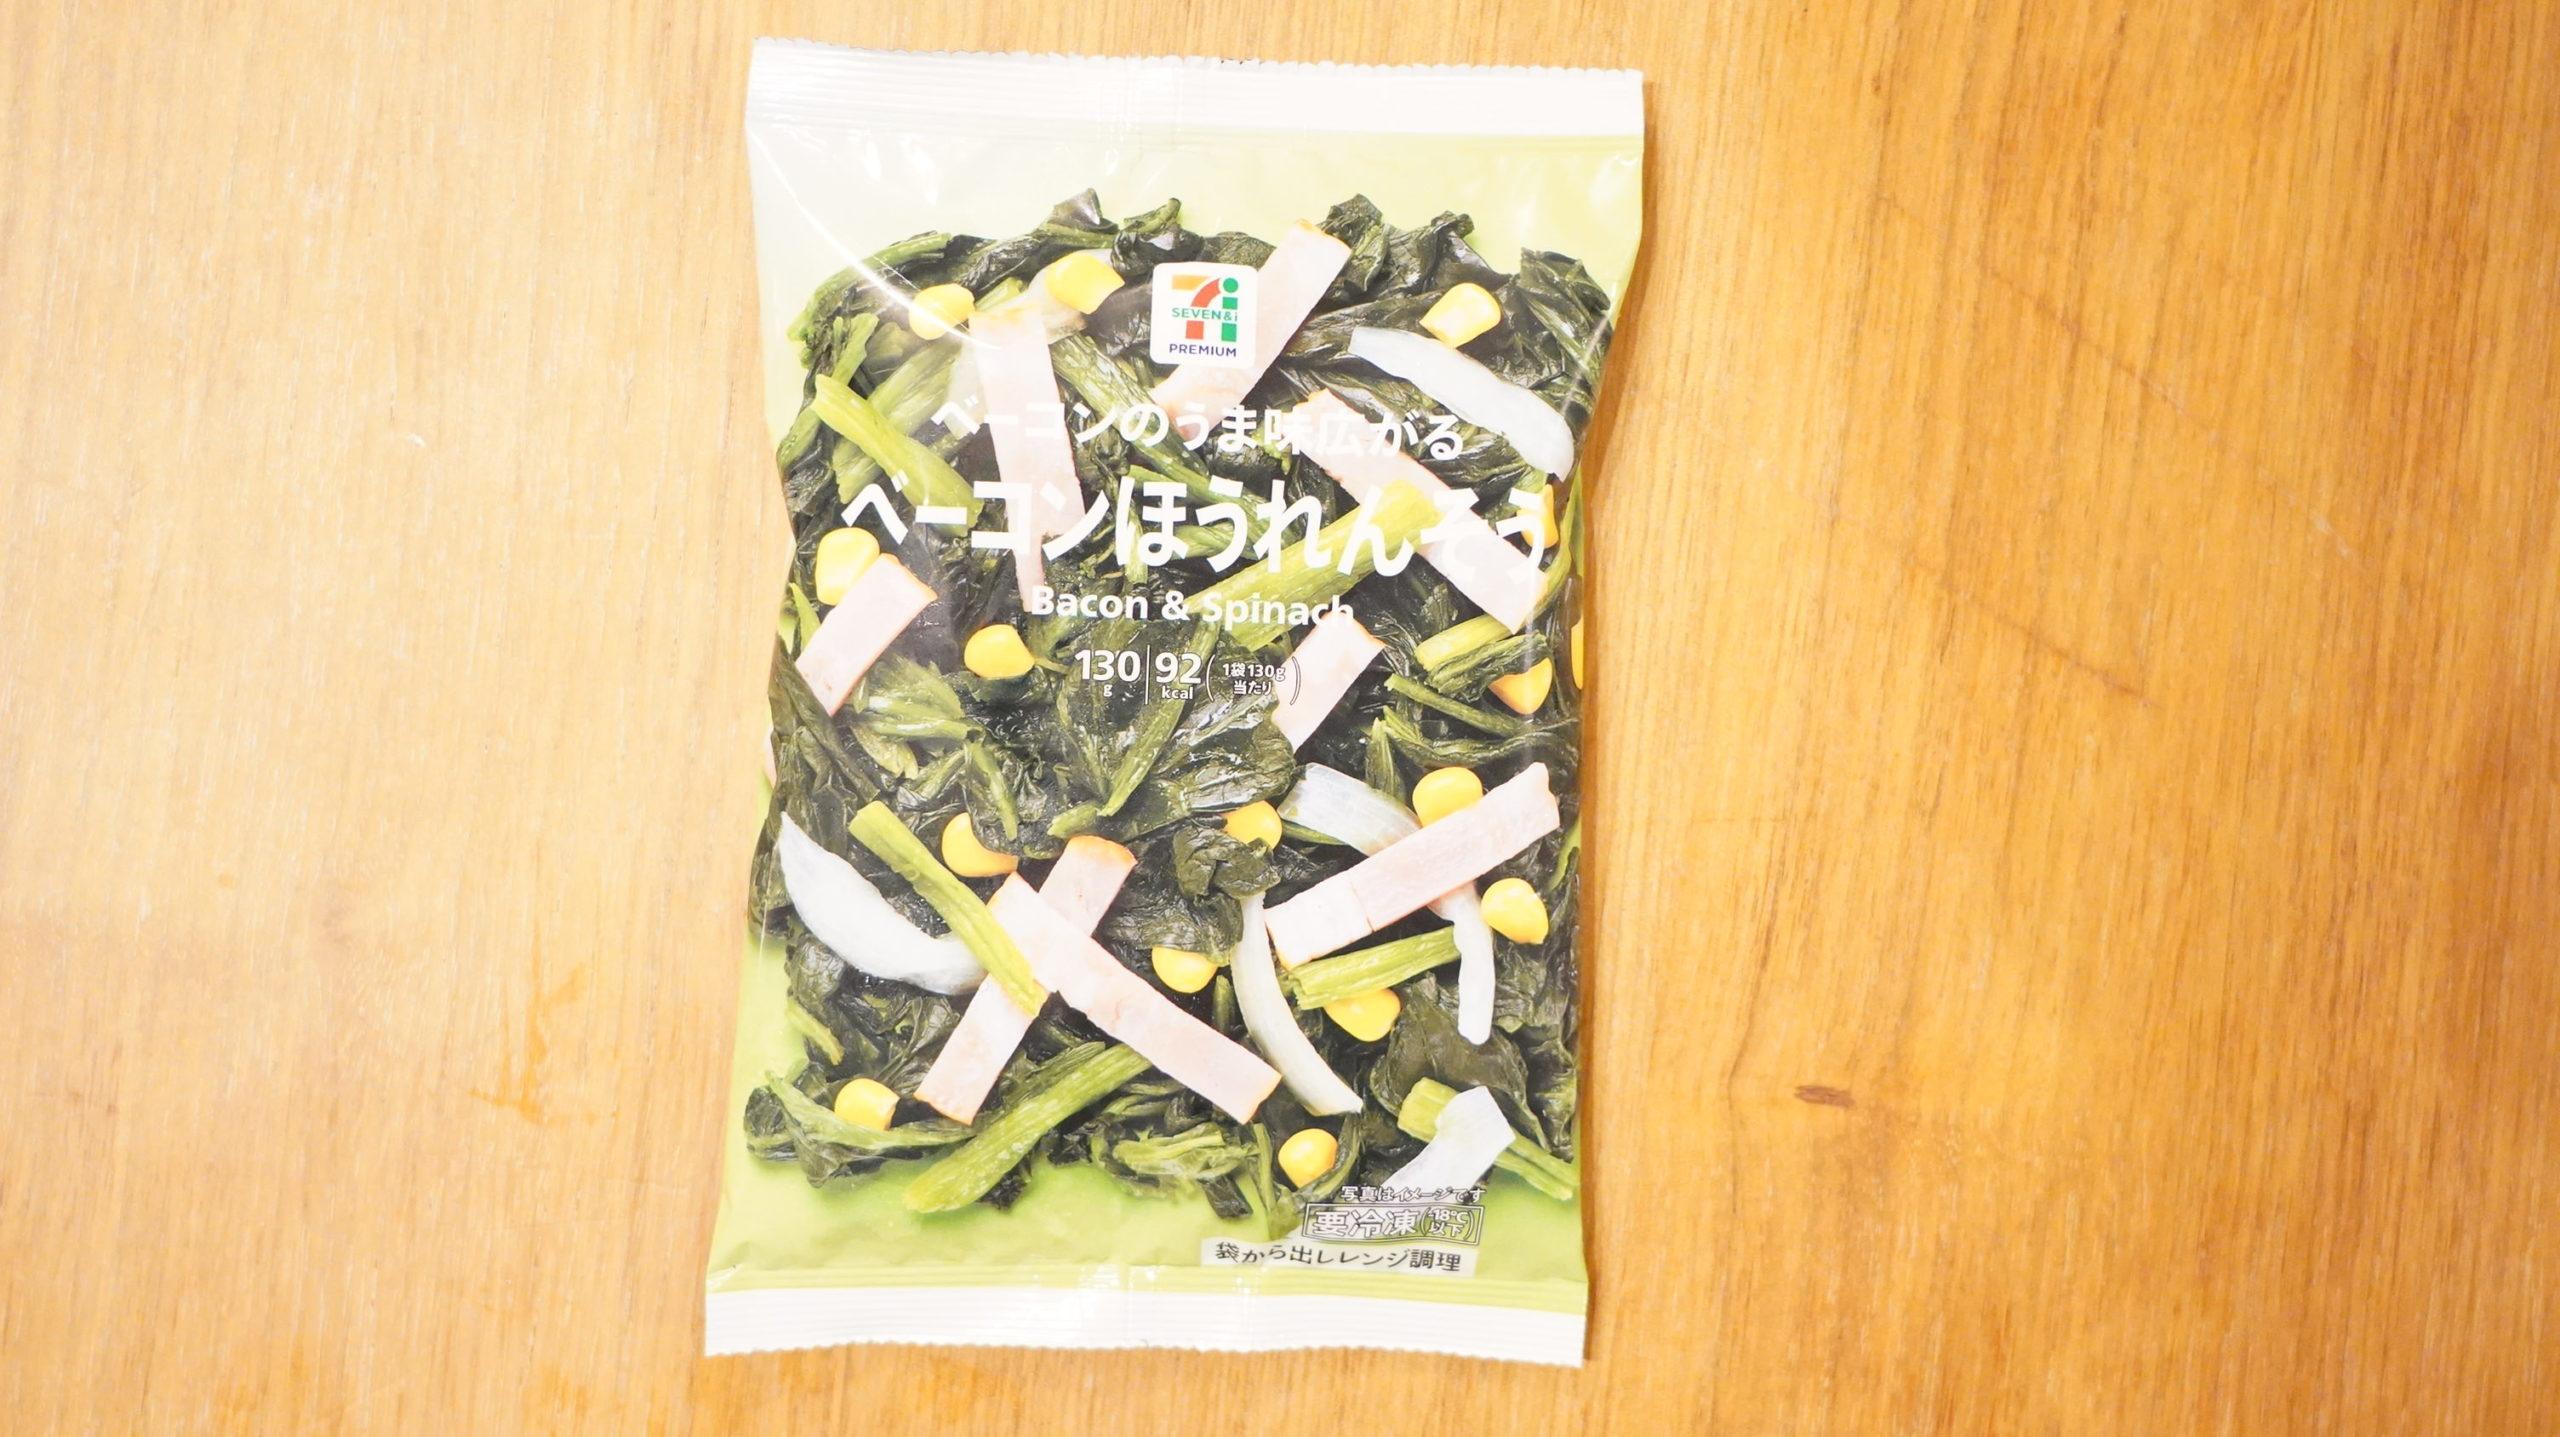 セブンイレブンの冷凍食品「ベーコンのうま味広がる・ベーコンほうれんそう」のパッケージ写真